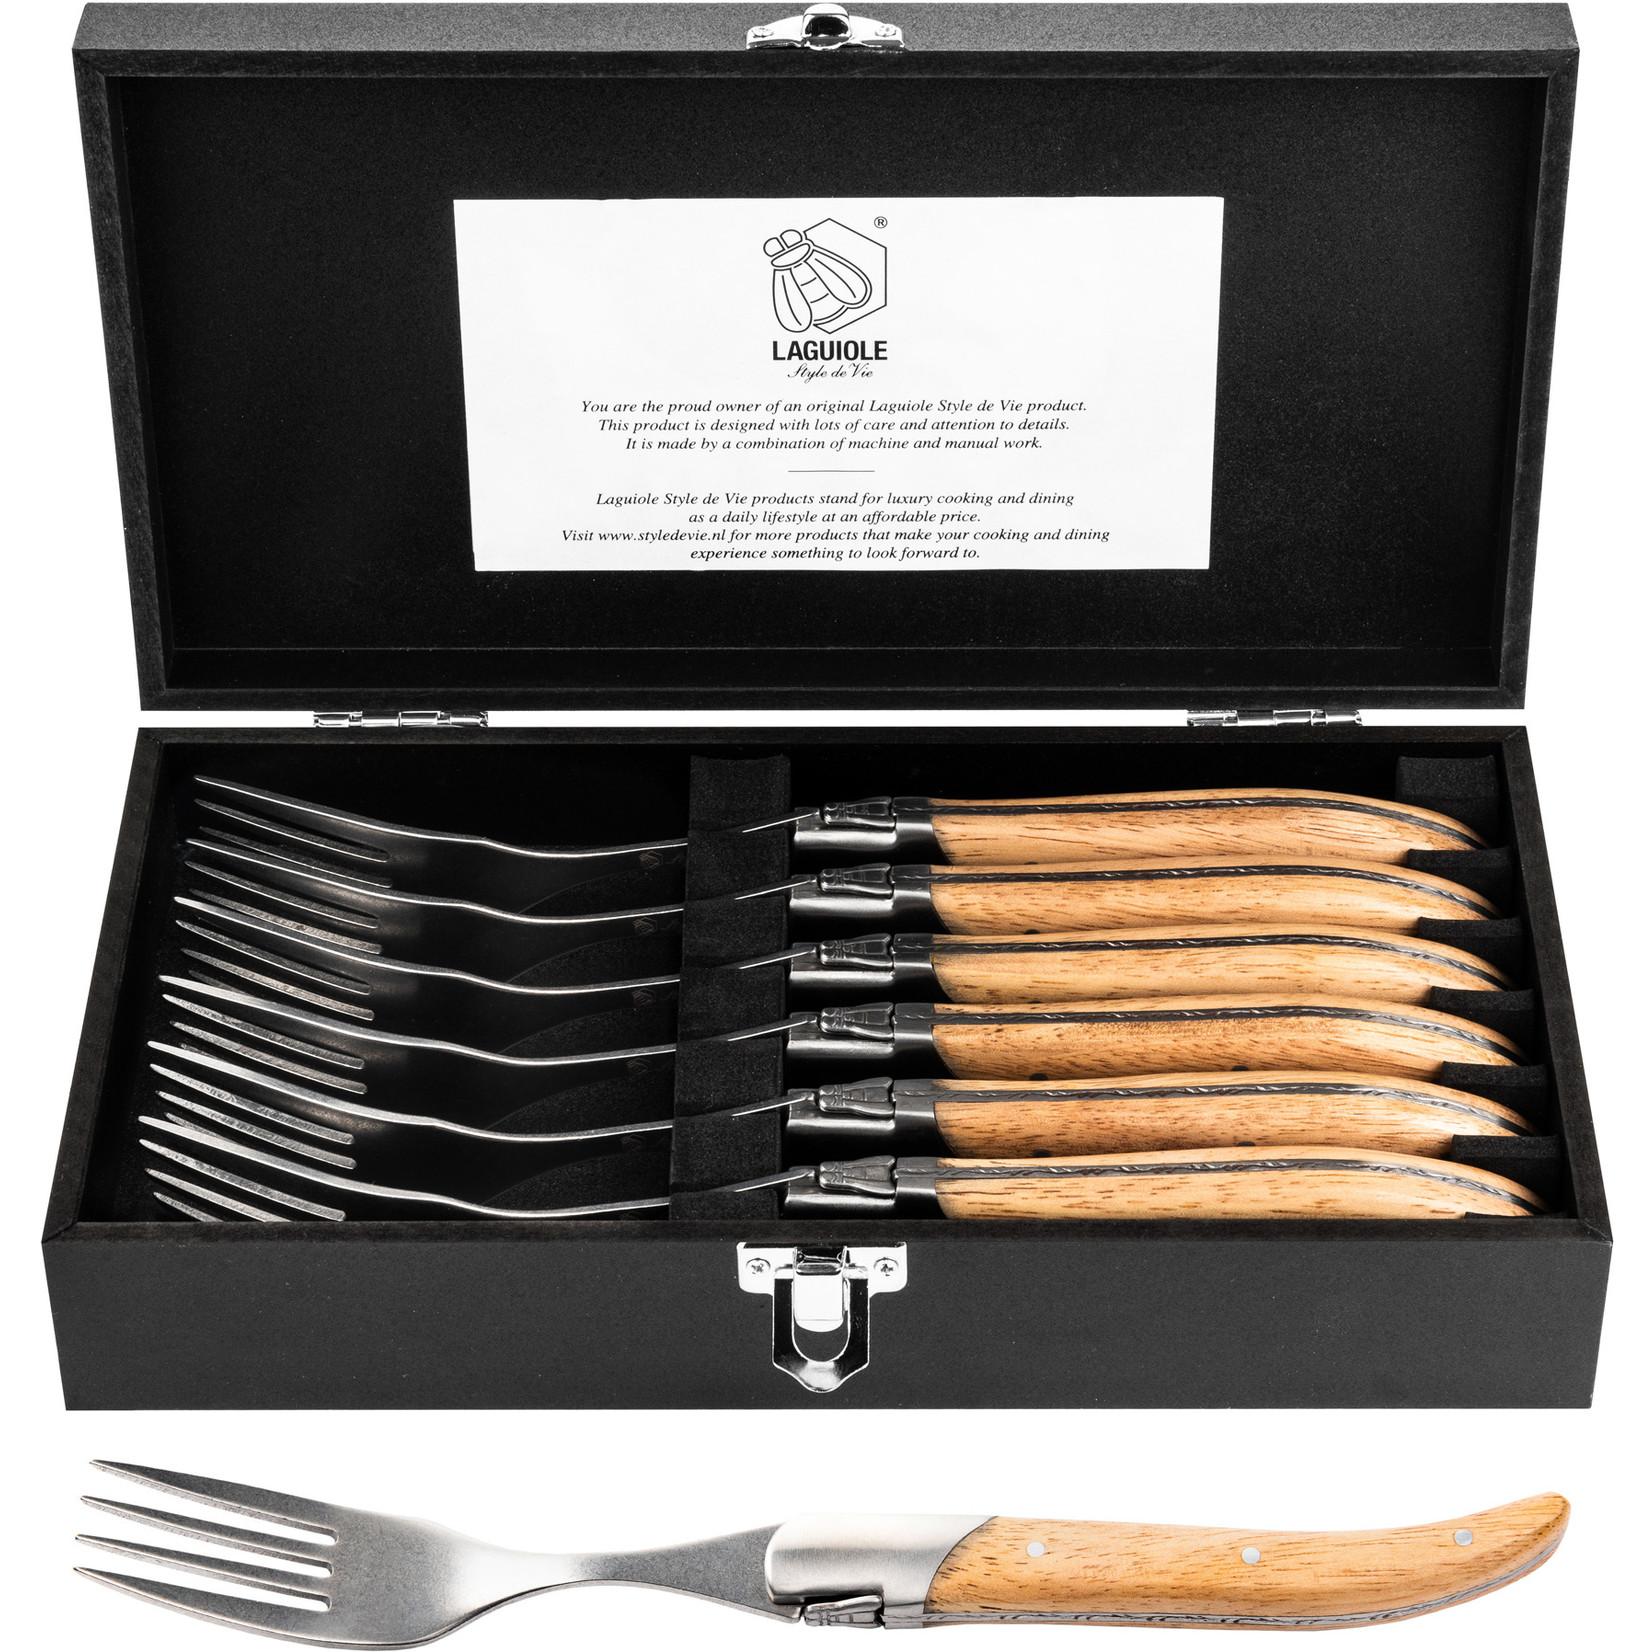 Laguiole Style de Vie Laguiole Style de Vie Luxury Line vorken 6-delig, eikenhout